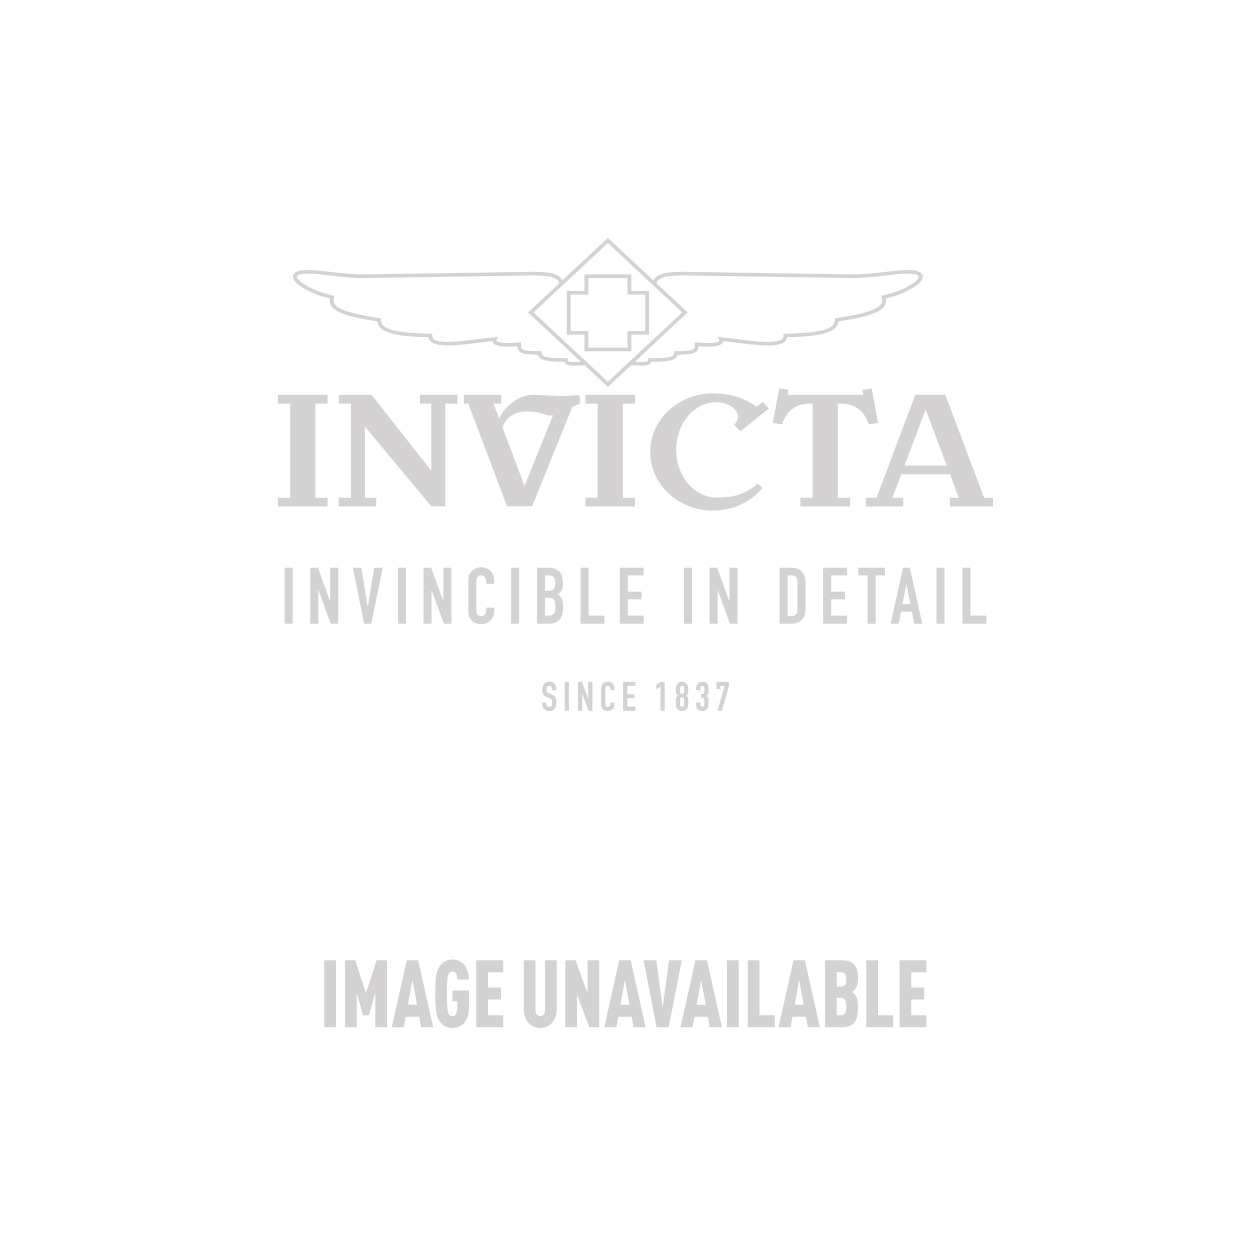 Invicta Model  25921